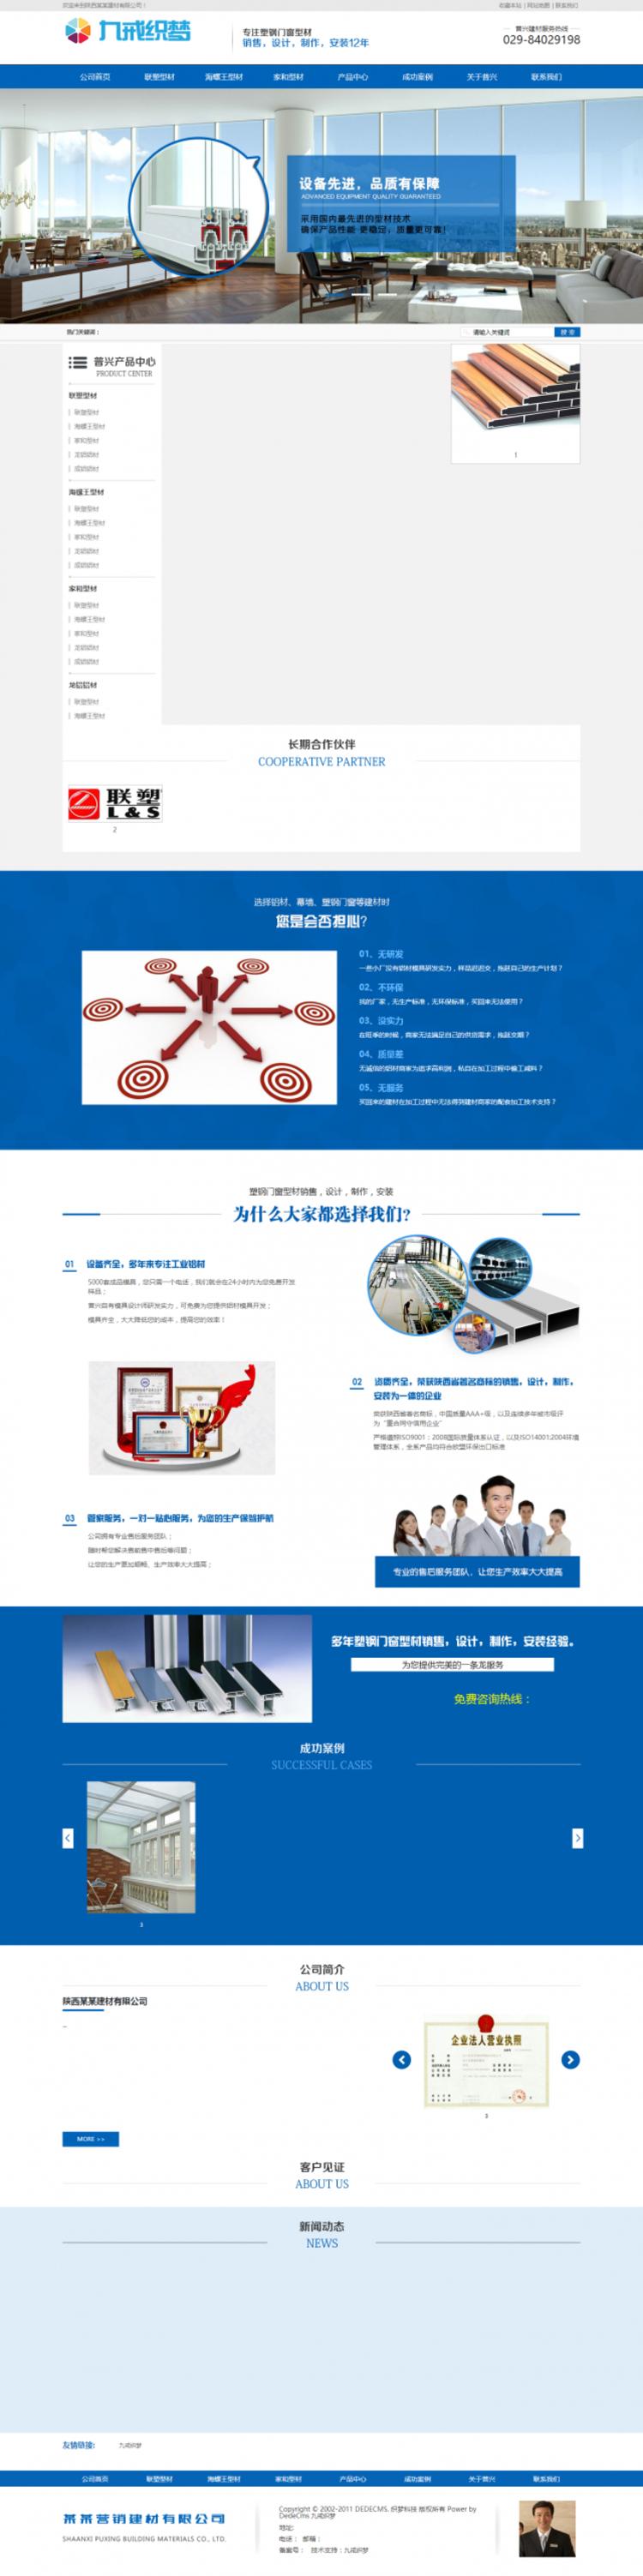 营销型塑料联塑建材类网站织梦模板(带手机端)电脑端演示